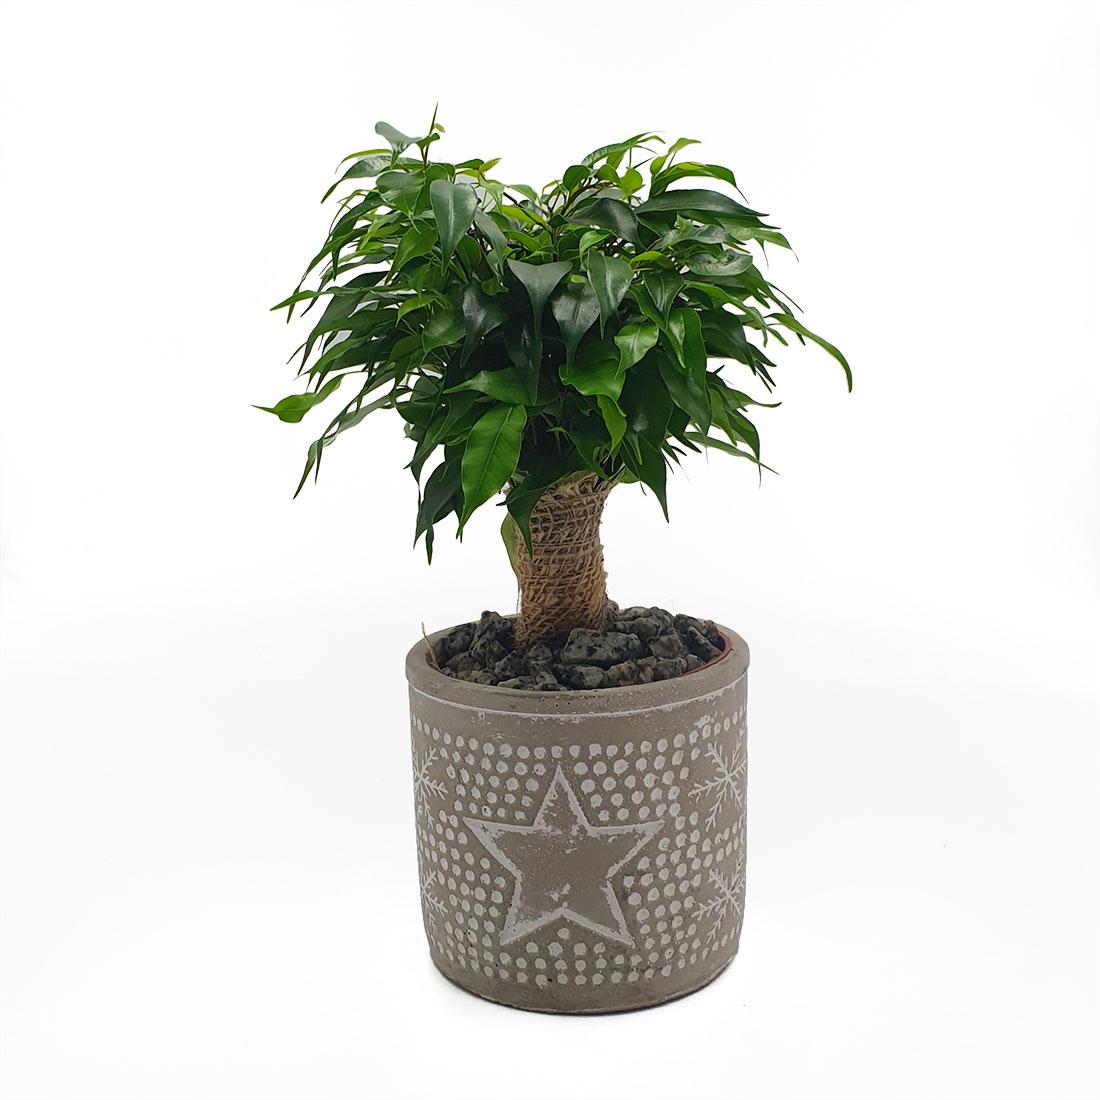 Vazoninis augalas FIKUSAS DANIELLE (FICUS), su vazonu